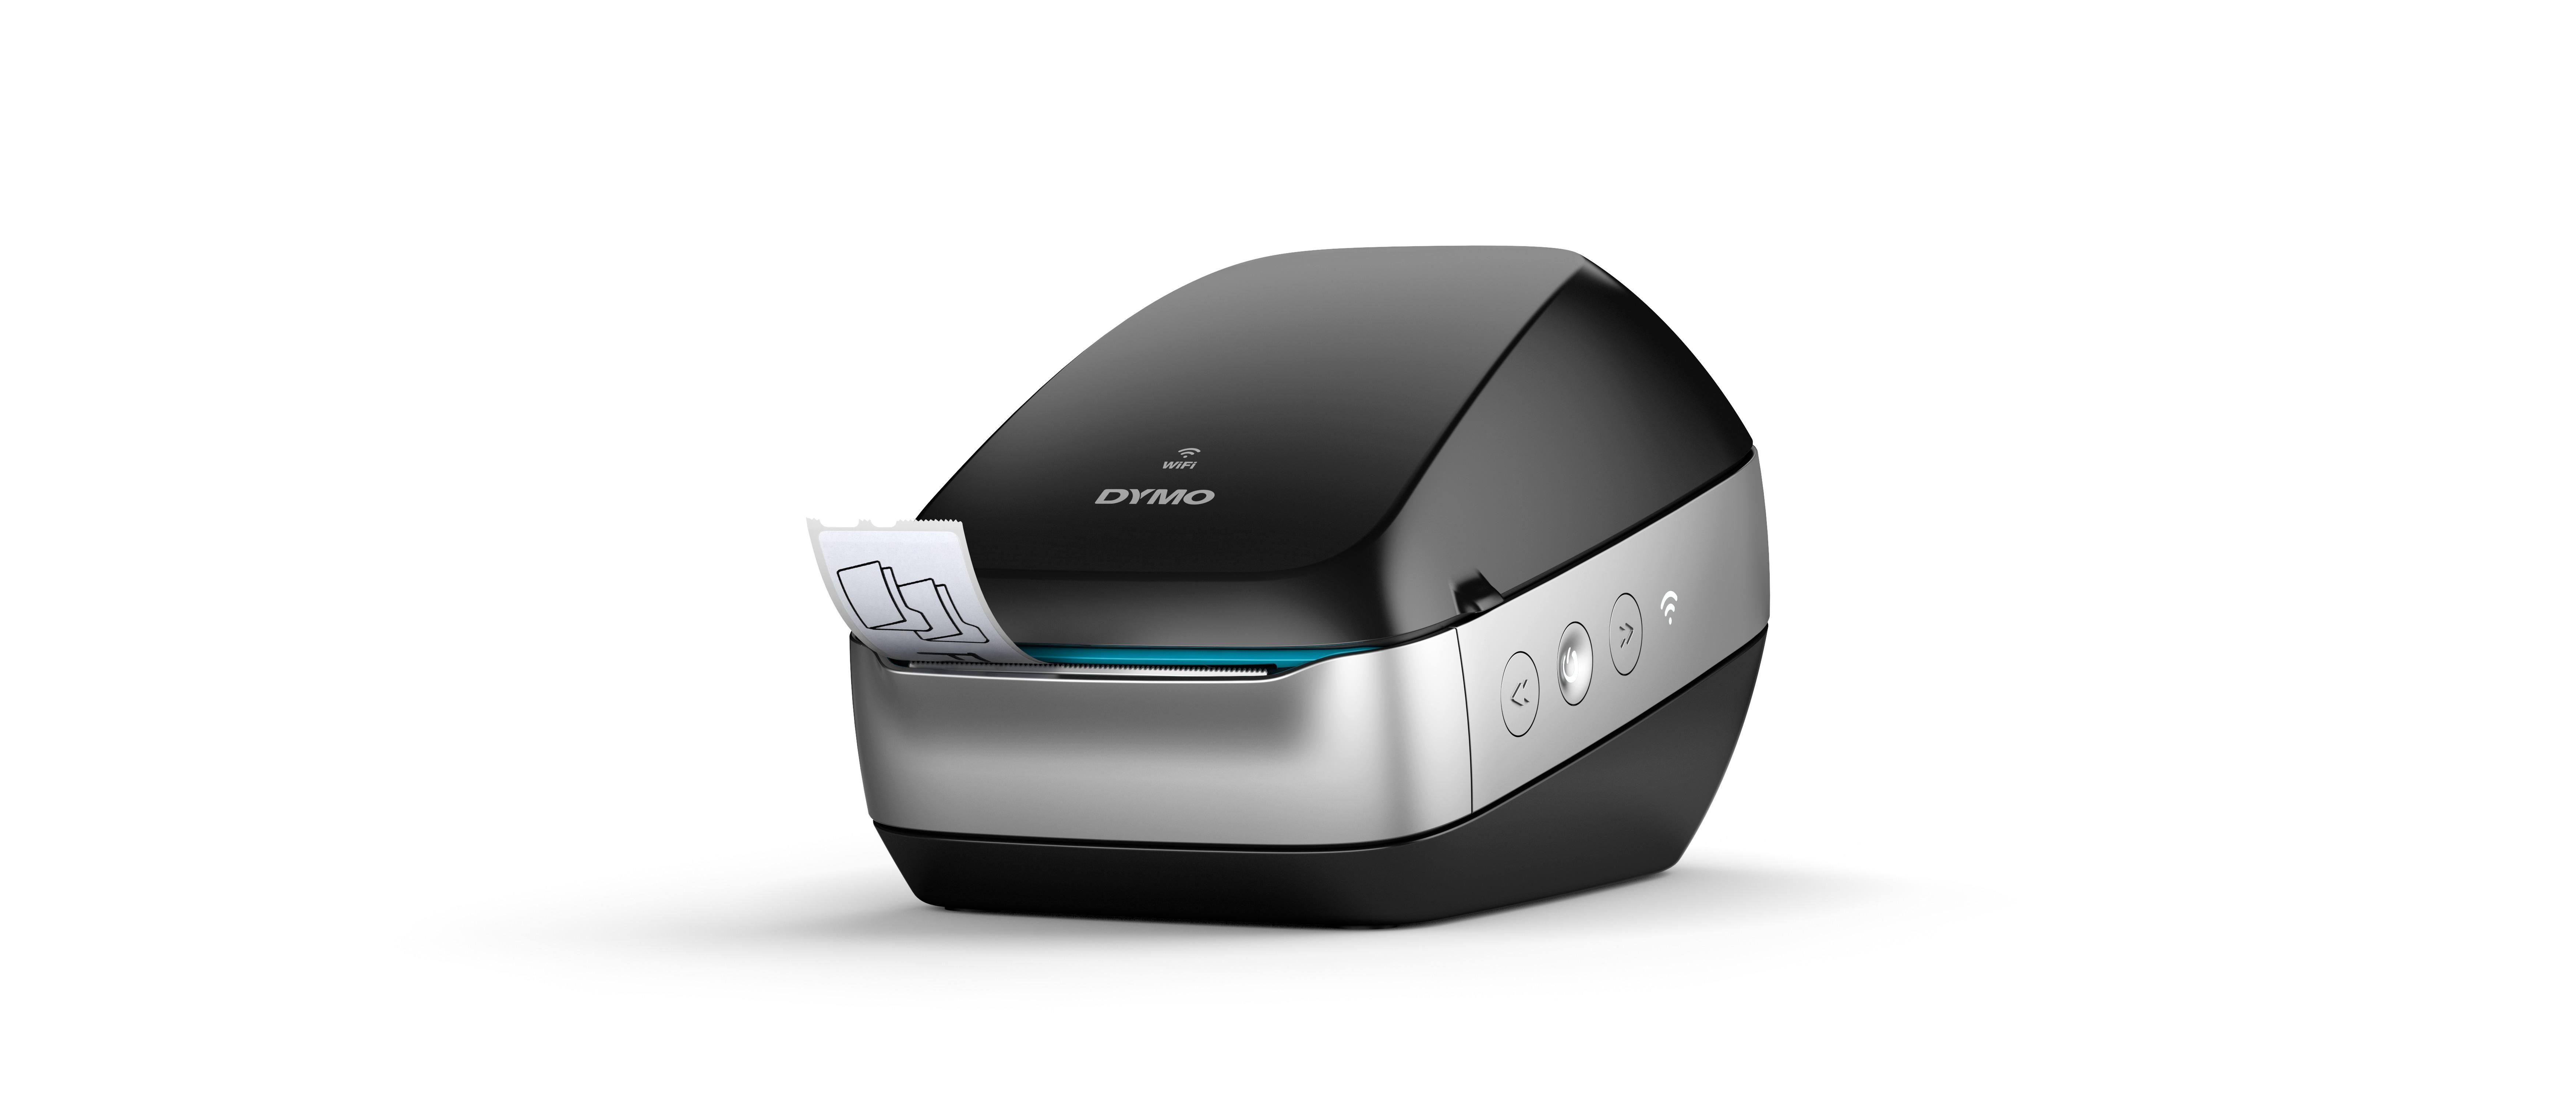 Dymo LabelWriter Wireless  -  Étiqueteuse  - imprimante d'étiquettes wifi monochrome  - impression thermique directe -  noire